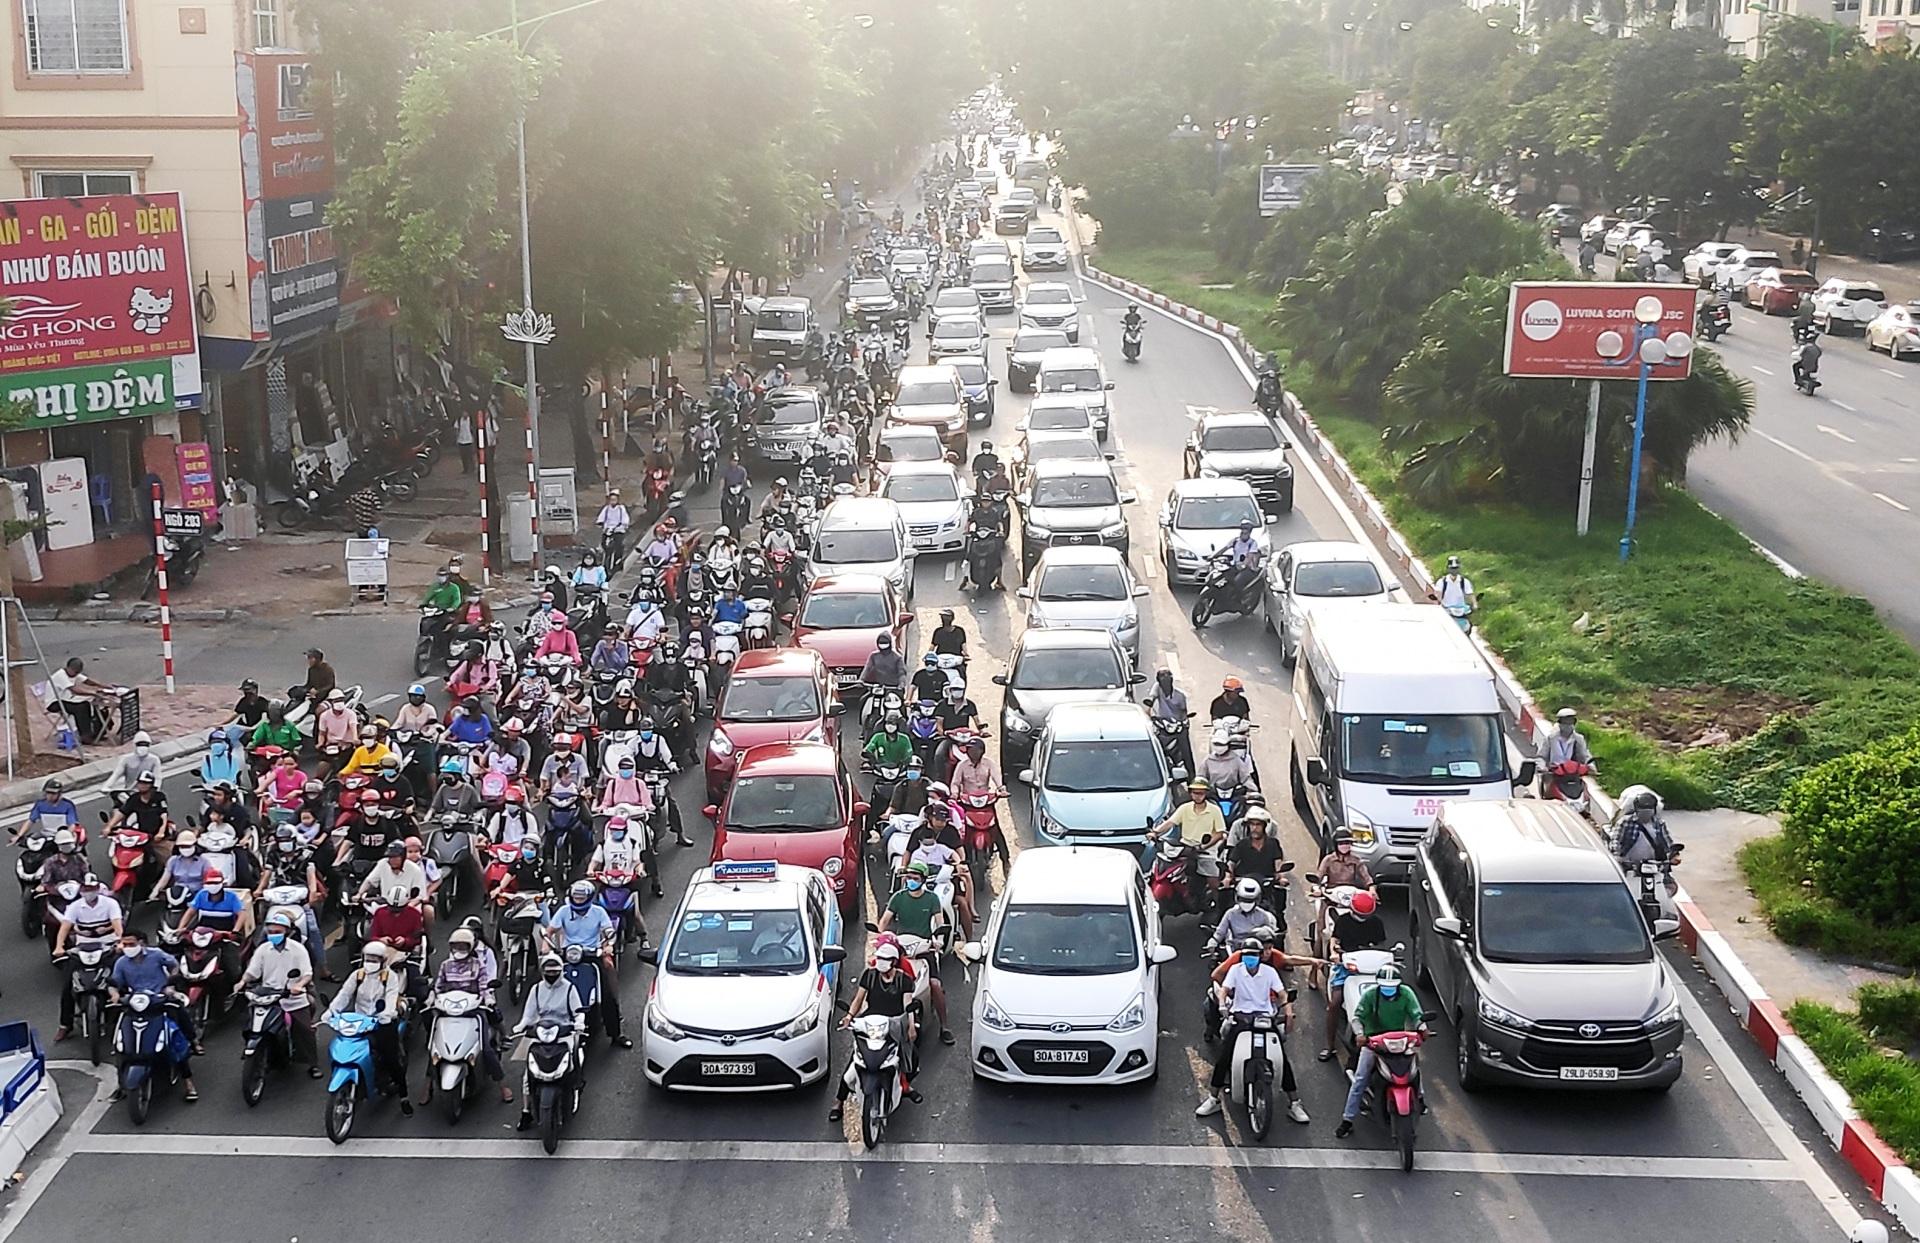 Dự thảo Luật Bảo đảm trật tự, an toàn giao thông đường bộ giúp người dân an tâm mỗi khi ra đường